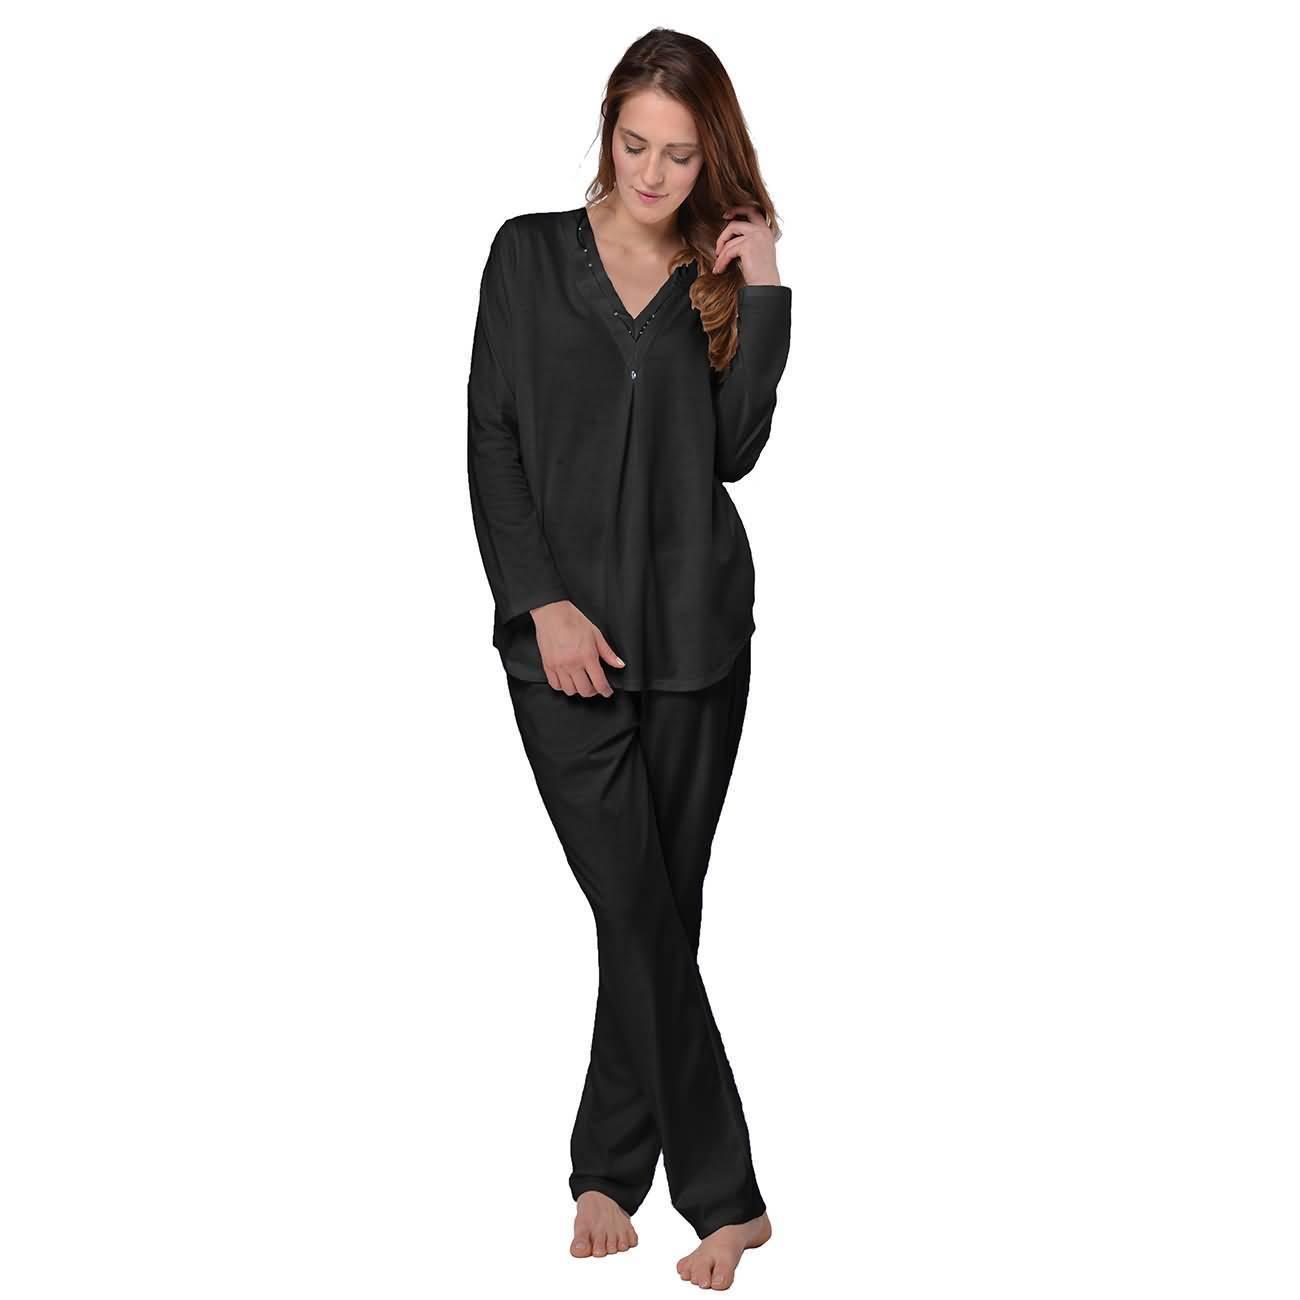 18d84e2954 Desen Damen Hausanzug Pyjama 100% Baumwolle,Schlafanzug Oberteil mit  Pailletten